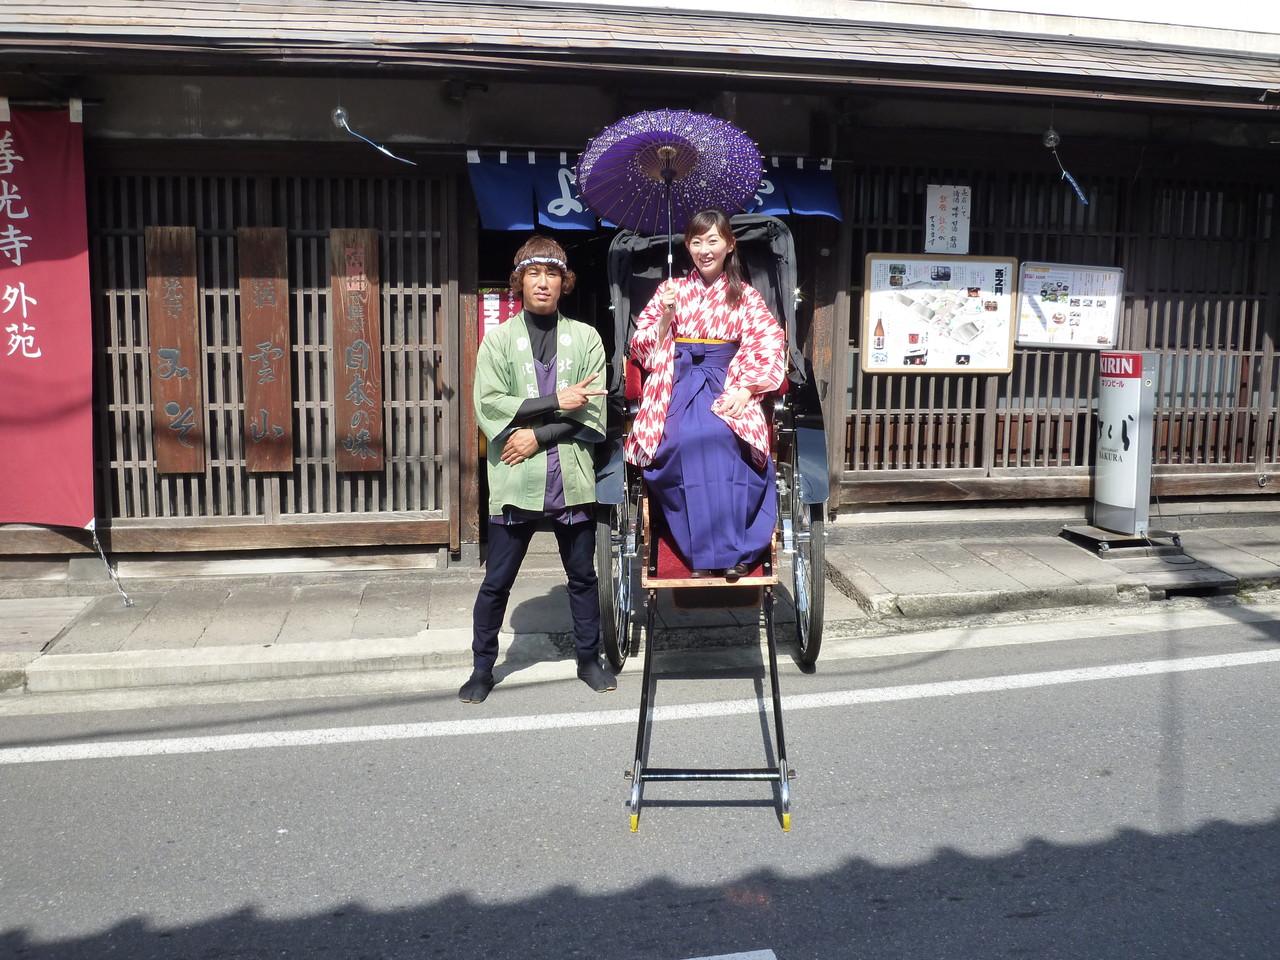 平沢アナとABN取材にて!